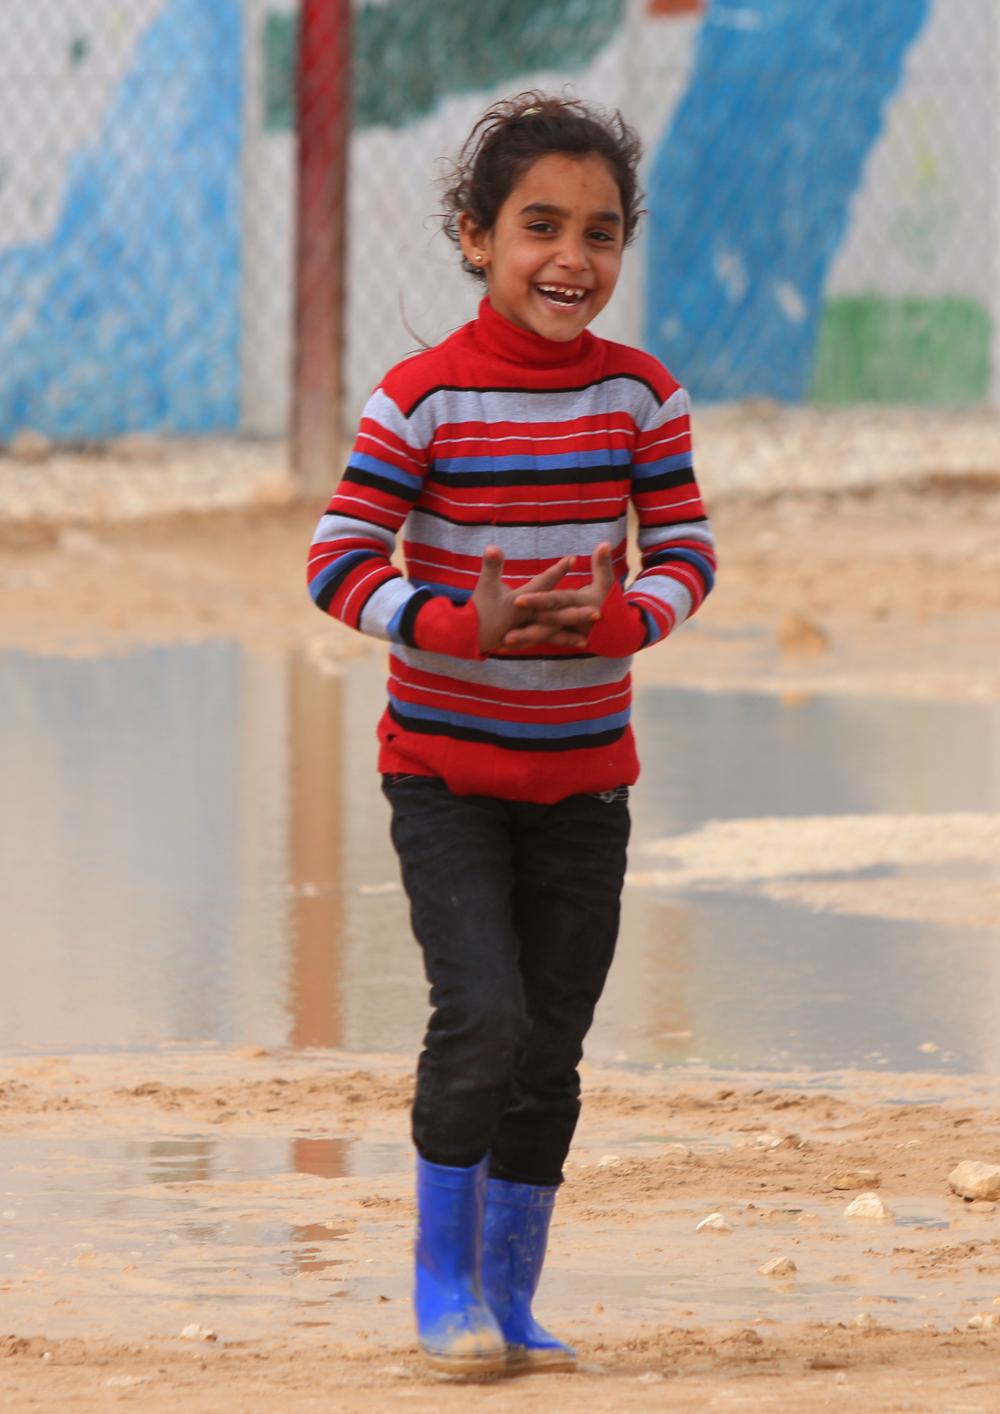 Syrian refugee smiling girl walking